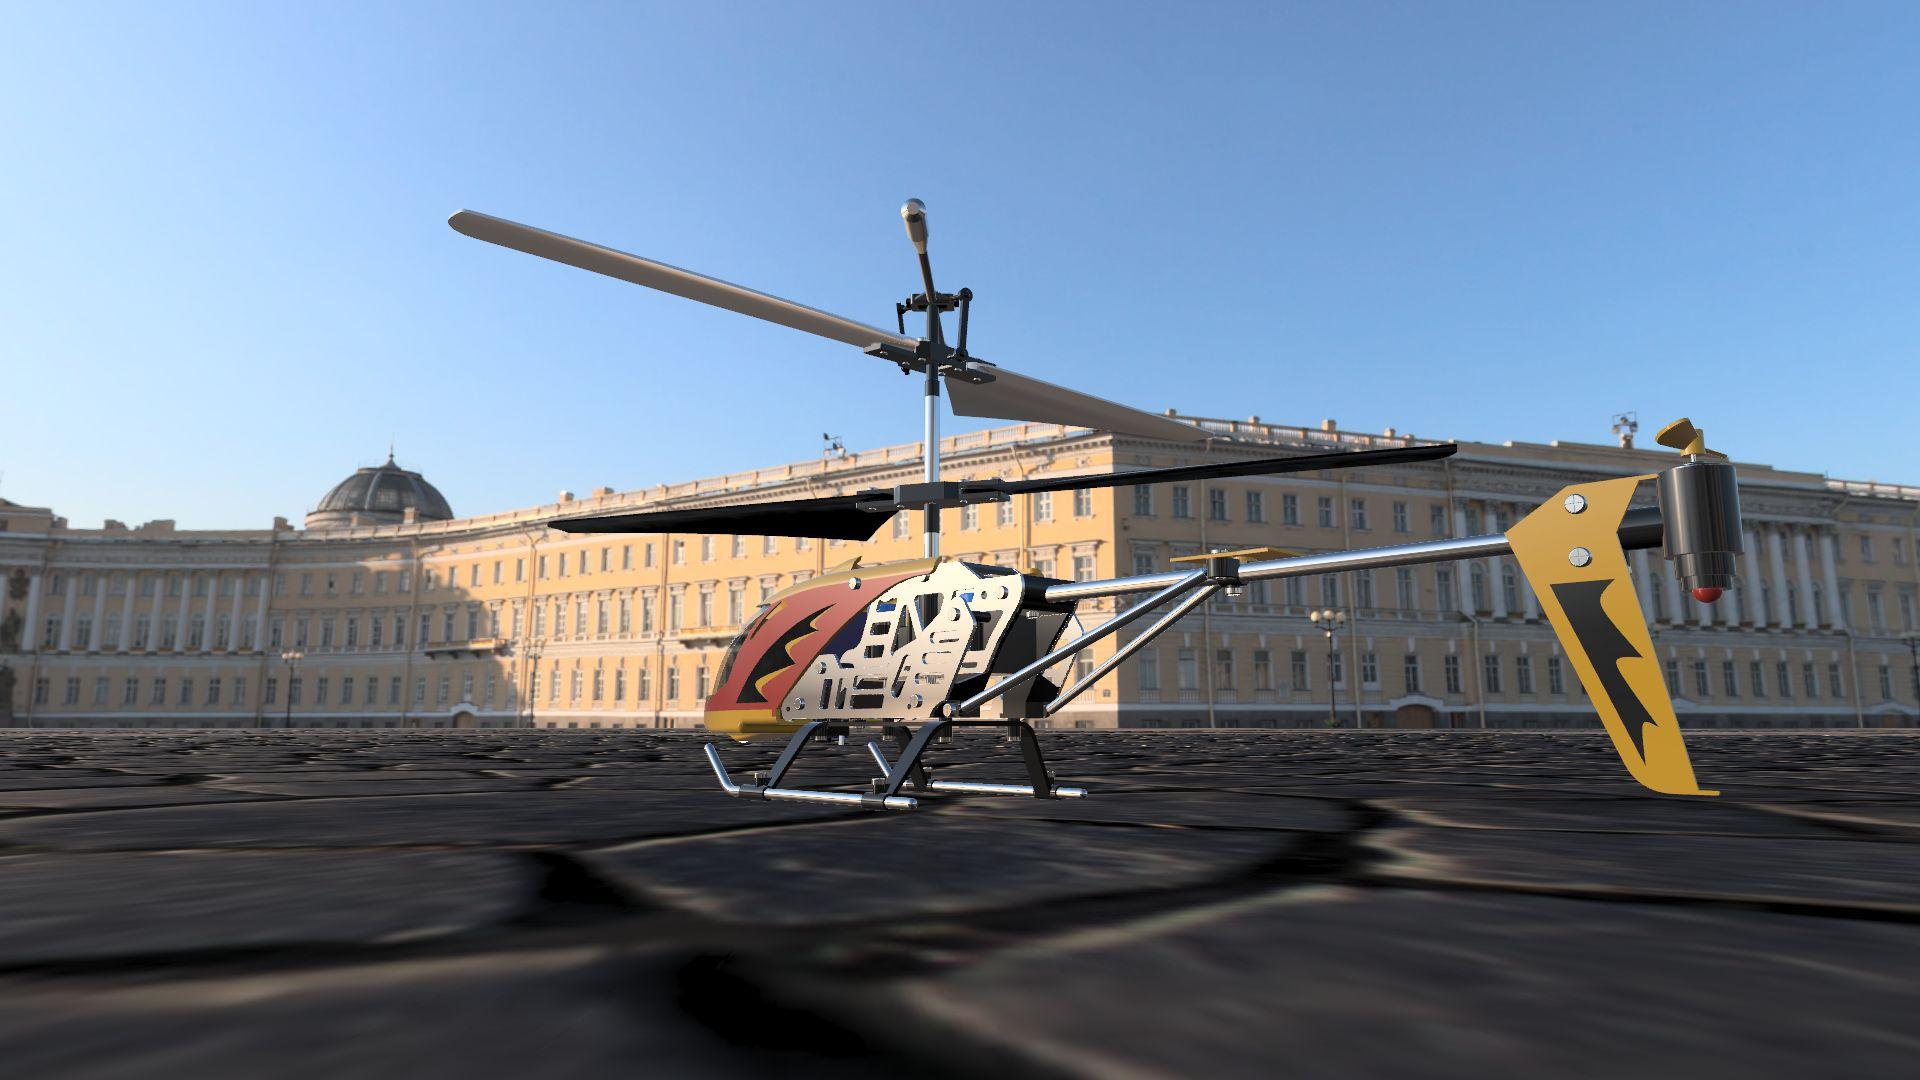 Chopper-03-3500-3500